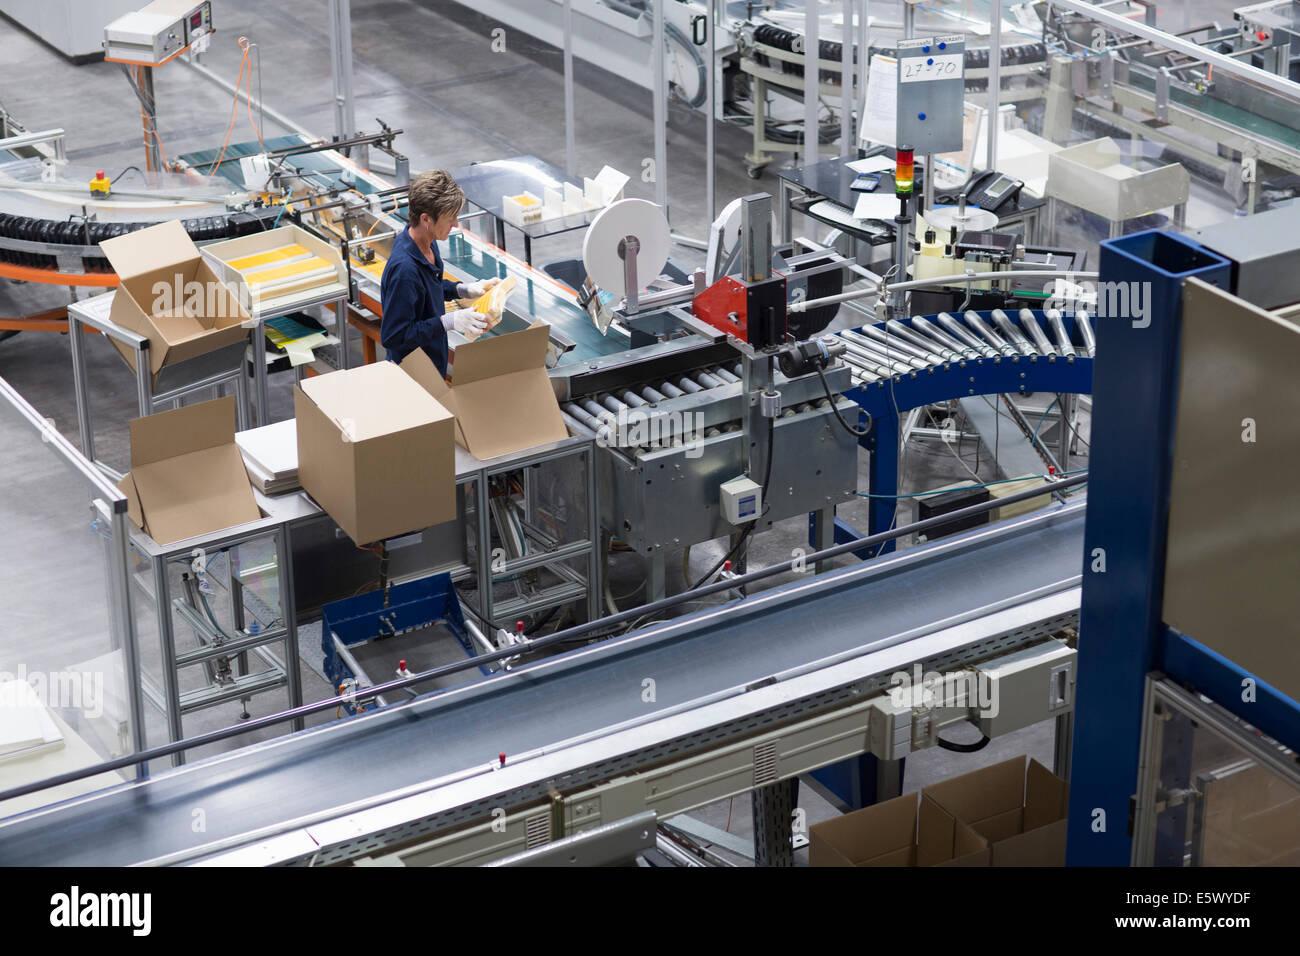 Femme mature qui travaillent dans l'usine d'emballage de papier Banque D'Images